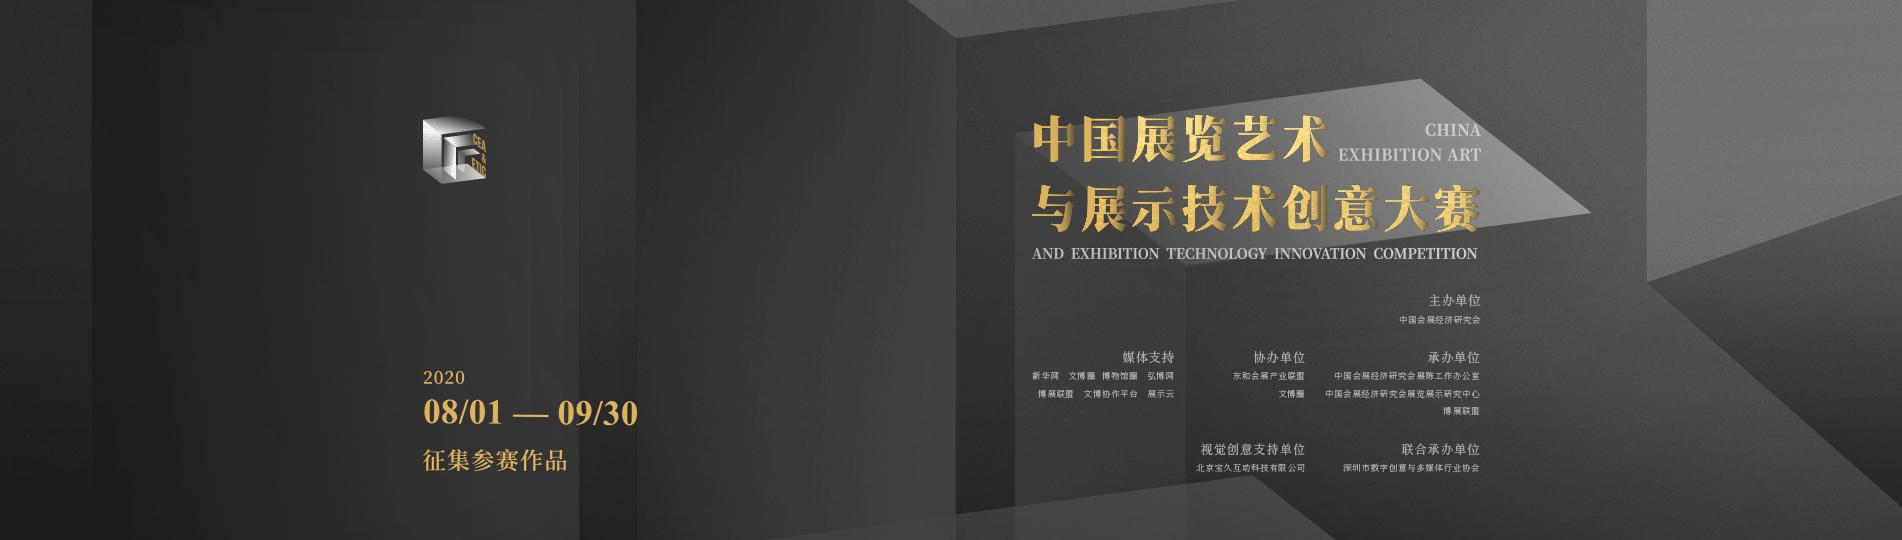 2020首屆中國展覽藝術與展示技術創意大賽